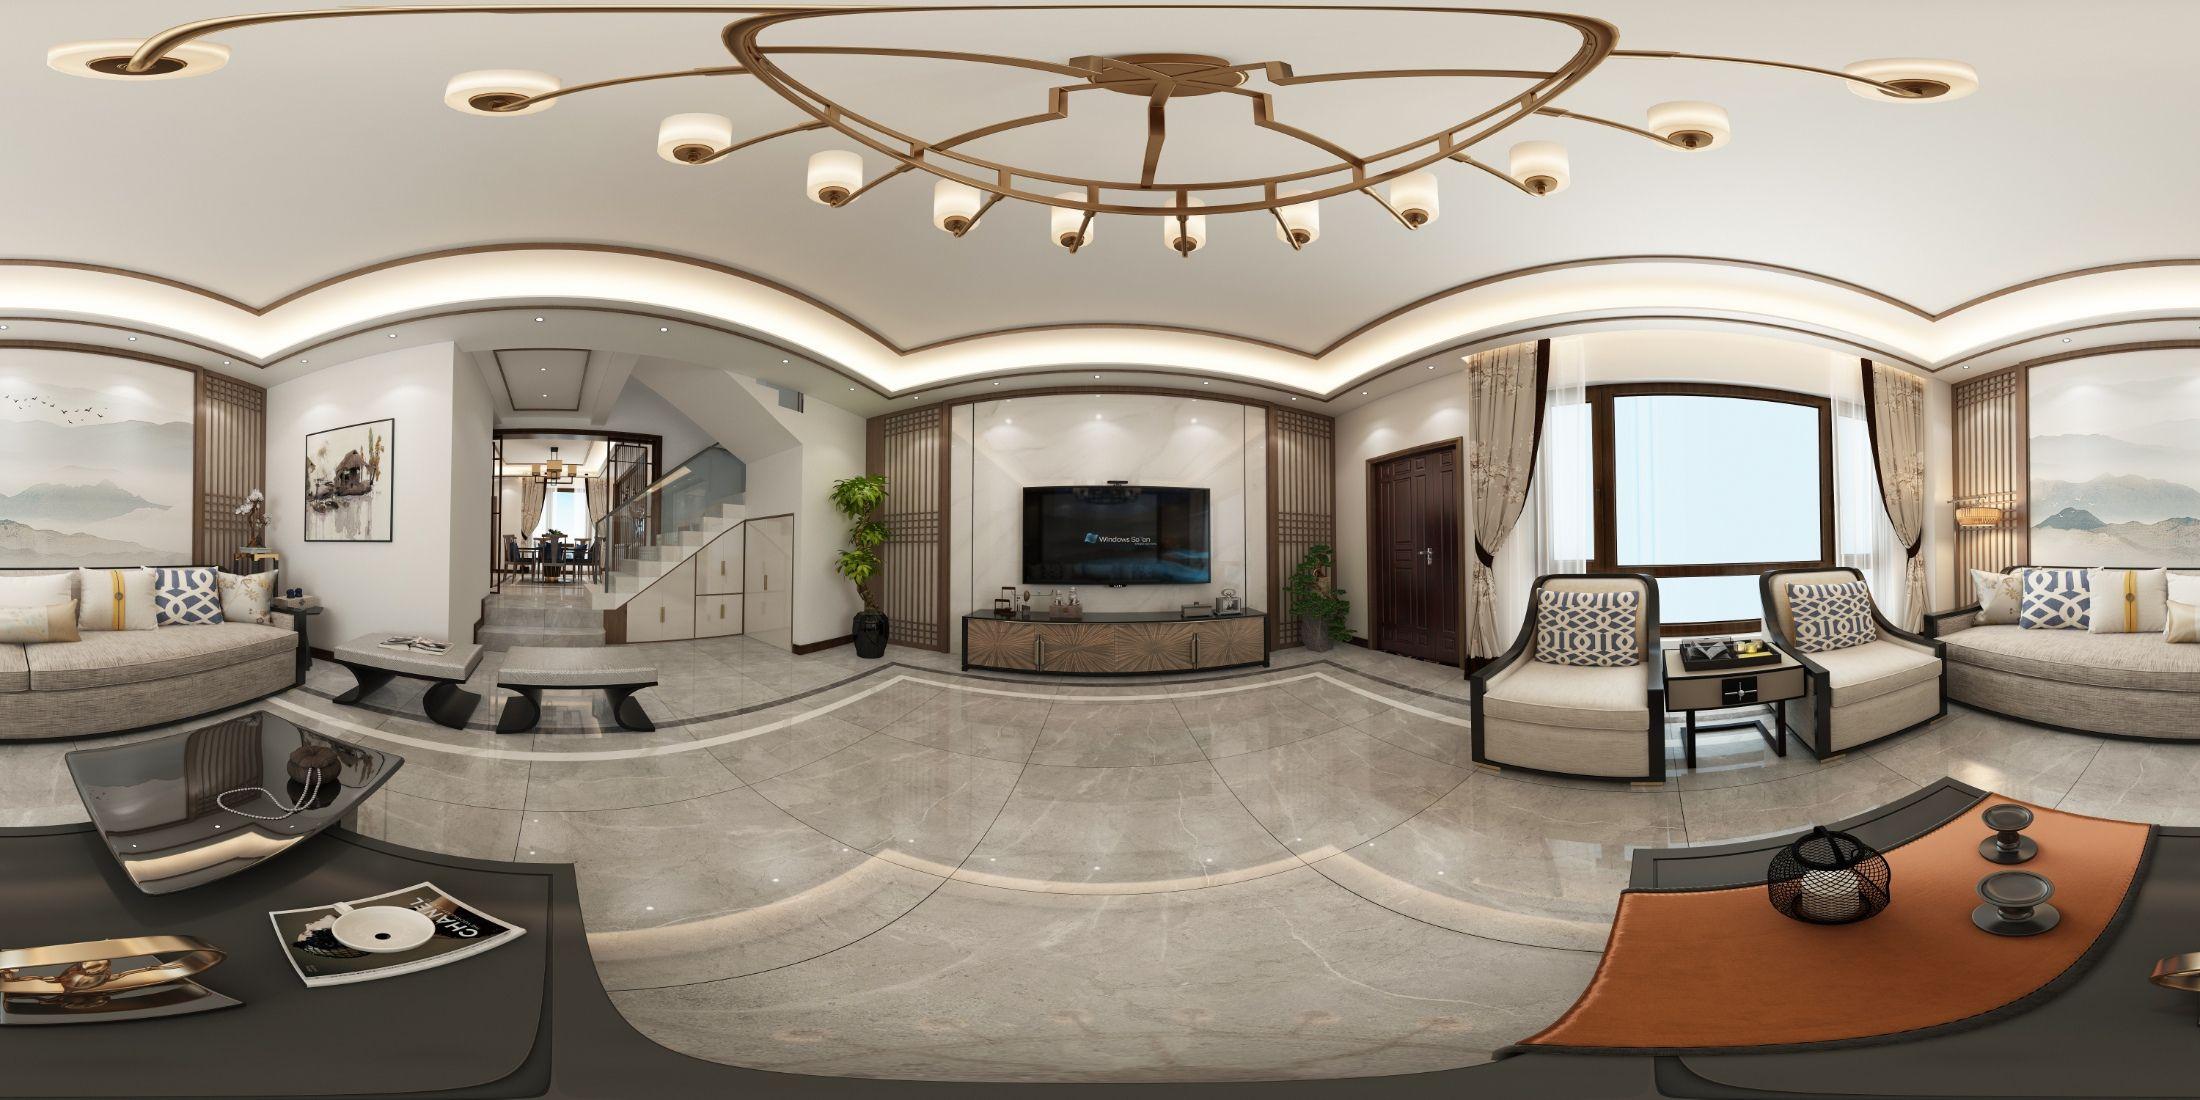 新中式室内设计案例 飞特网 原创室内设计